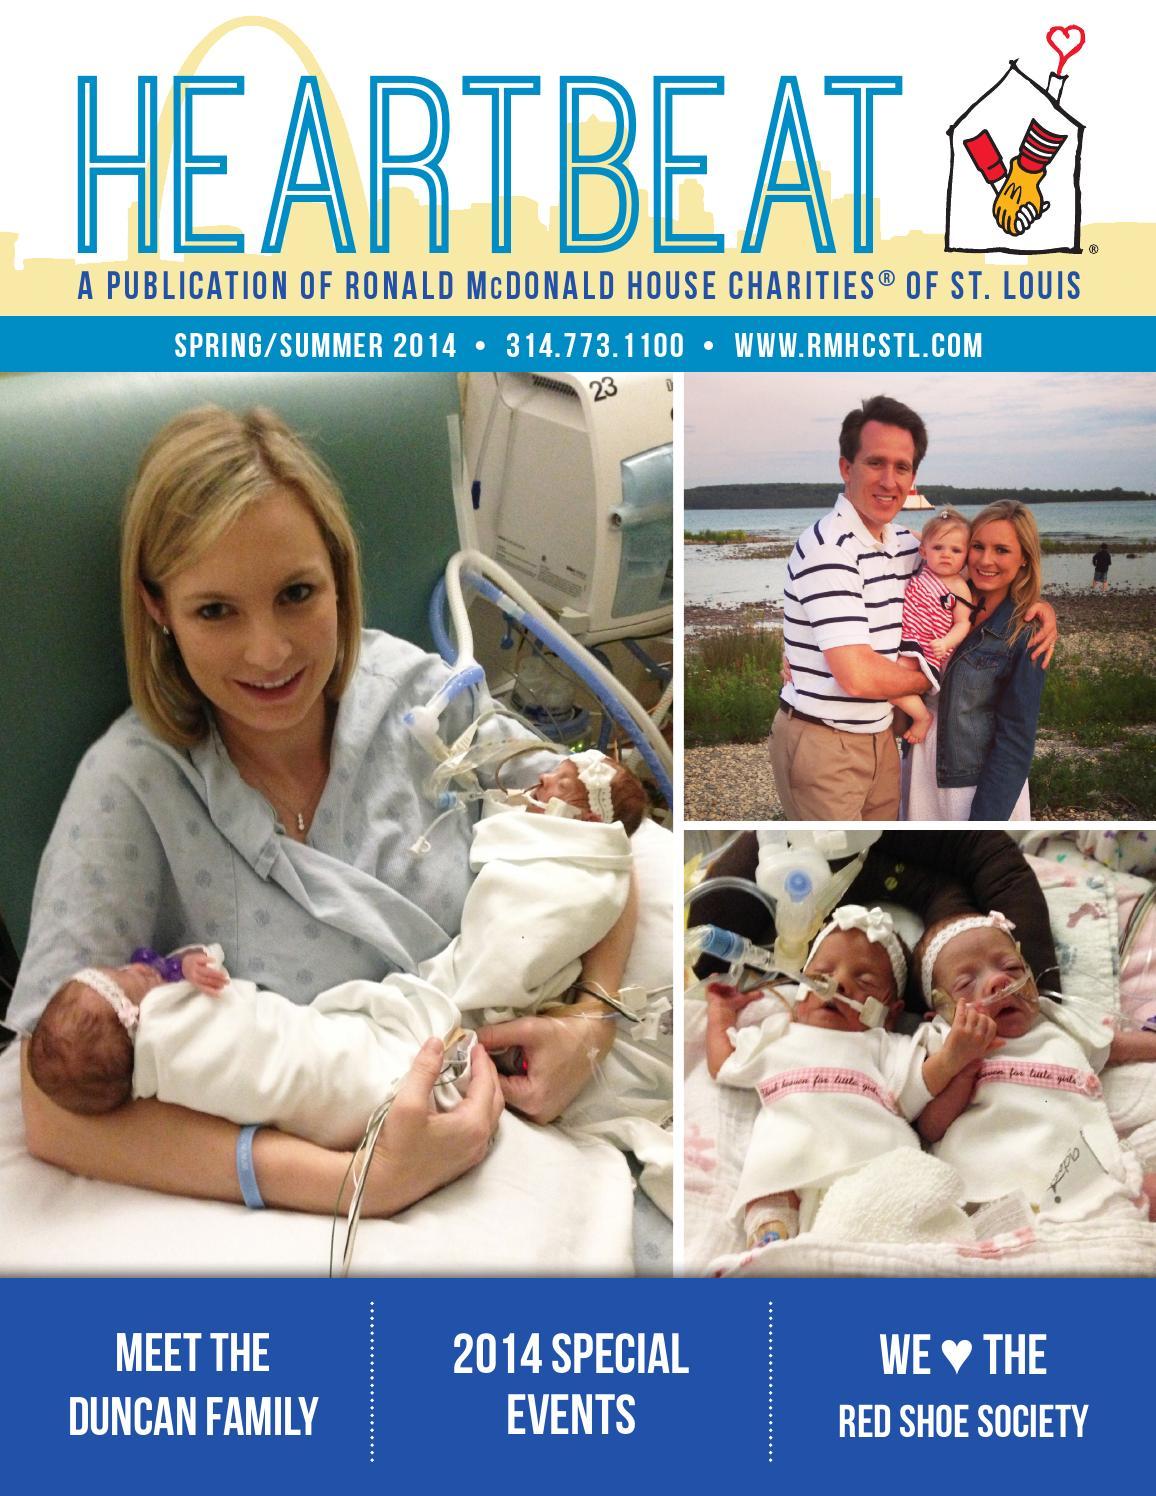 springsummer 2014 heartbeat newsletter by ronald mcdonald